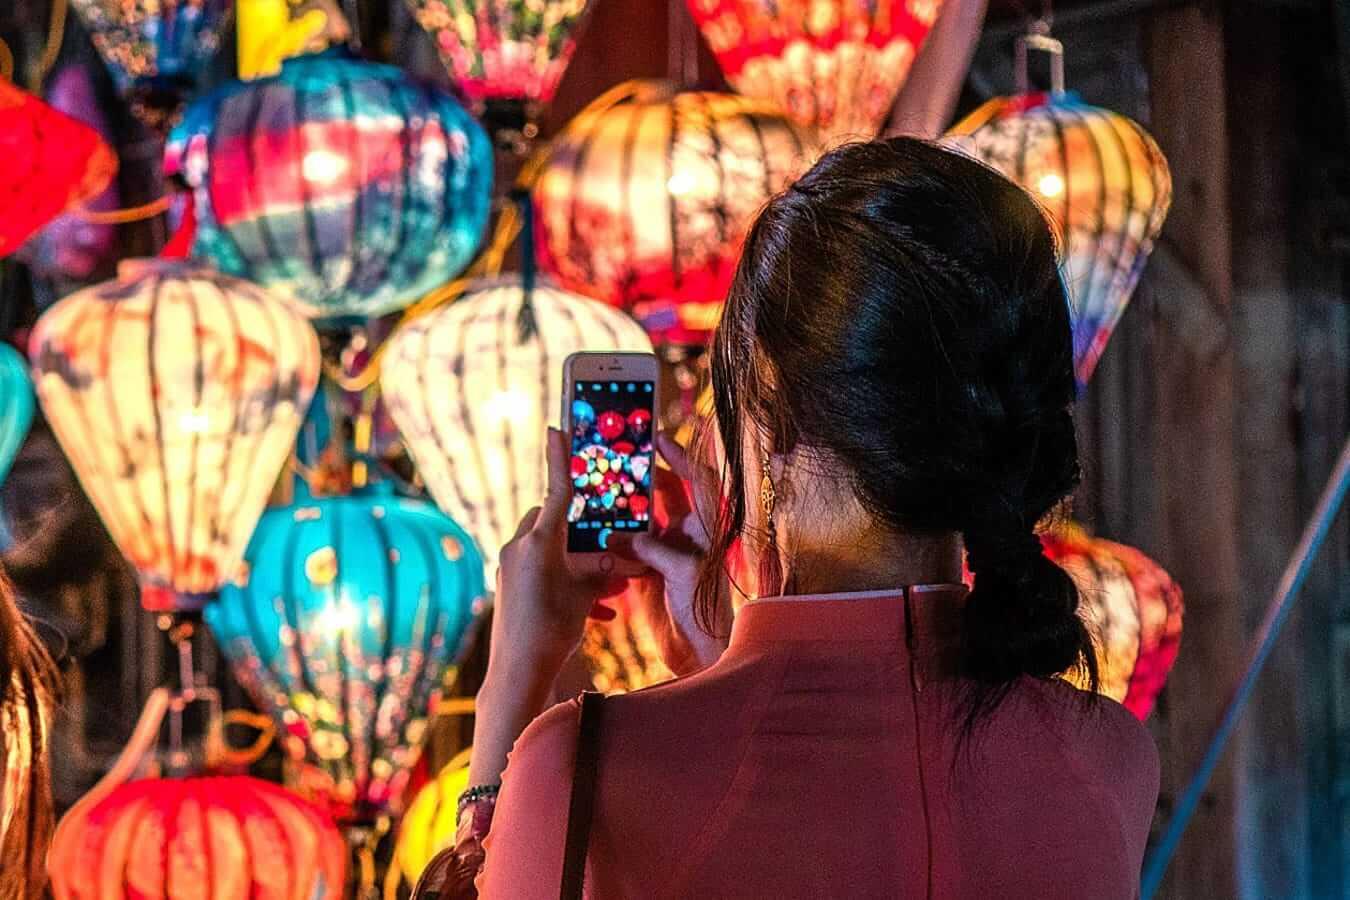 Woman taking a photo: lantern shopping